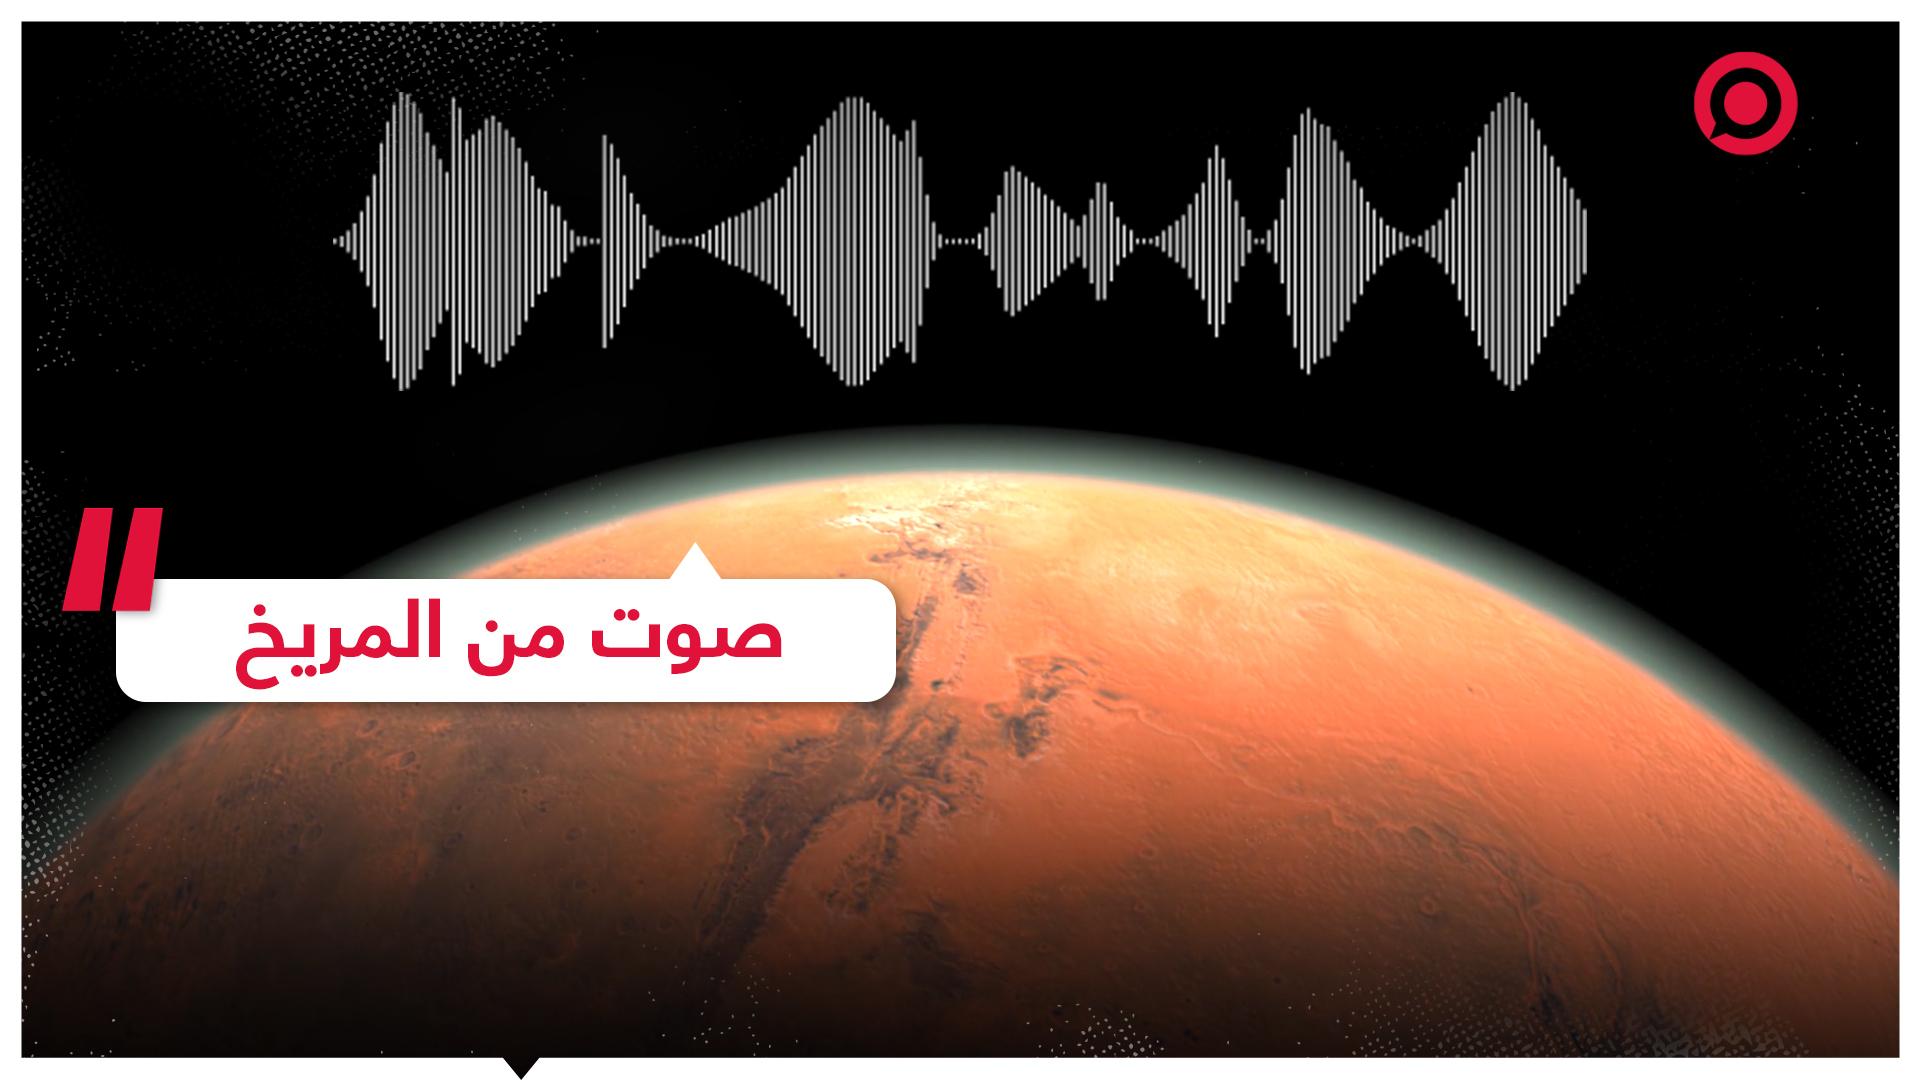 ناسا - المريخ - برسفيرنس